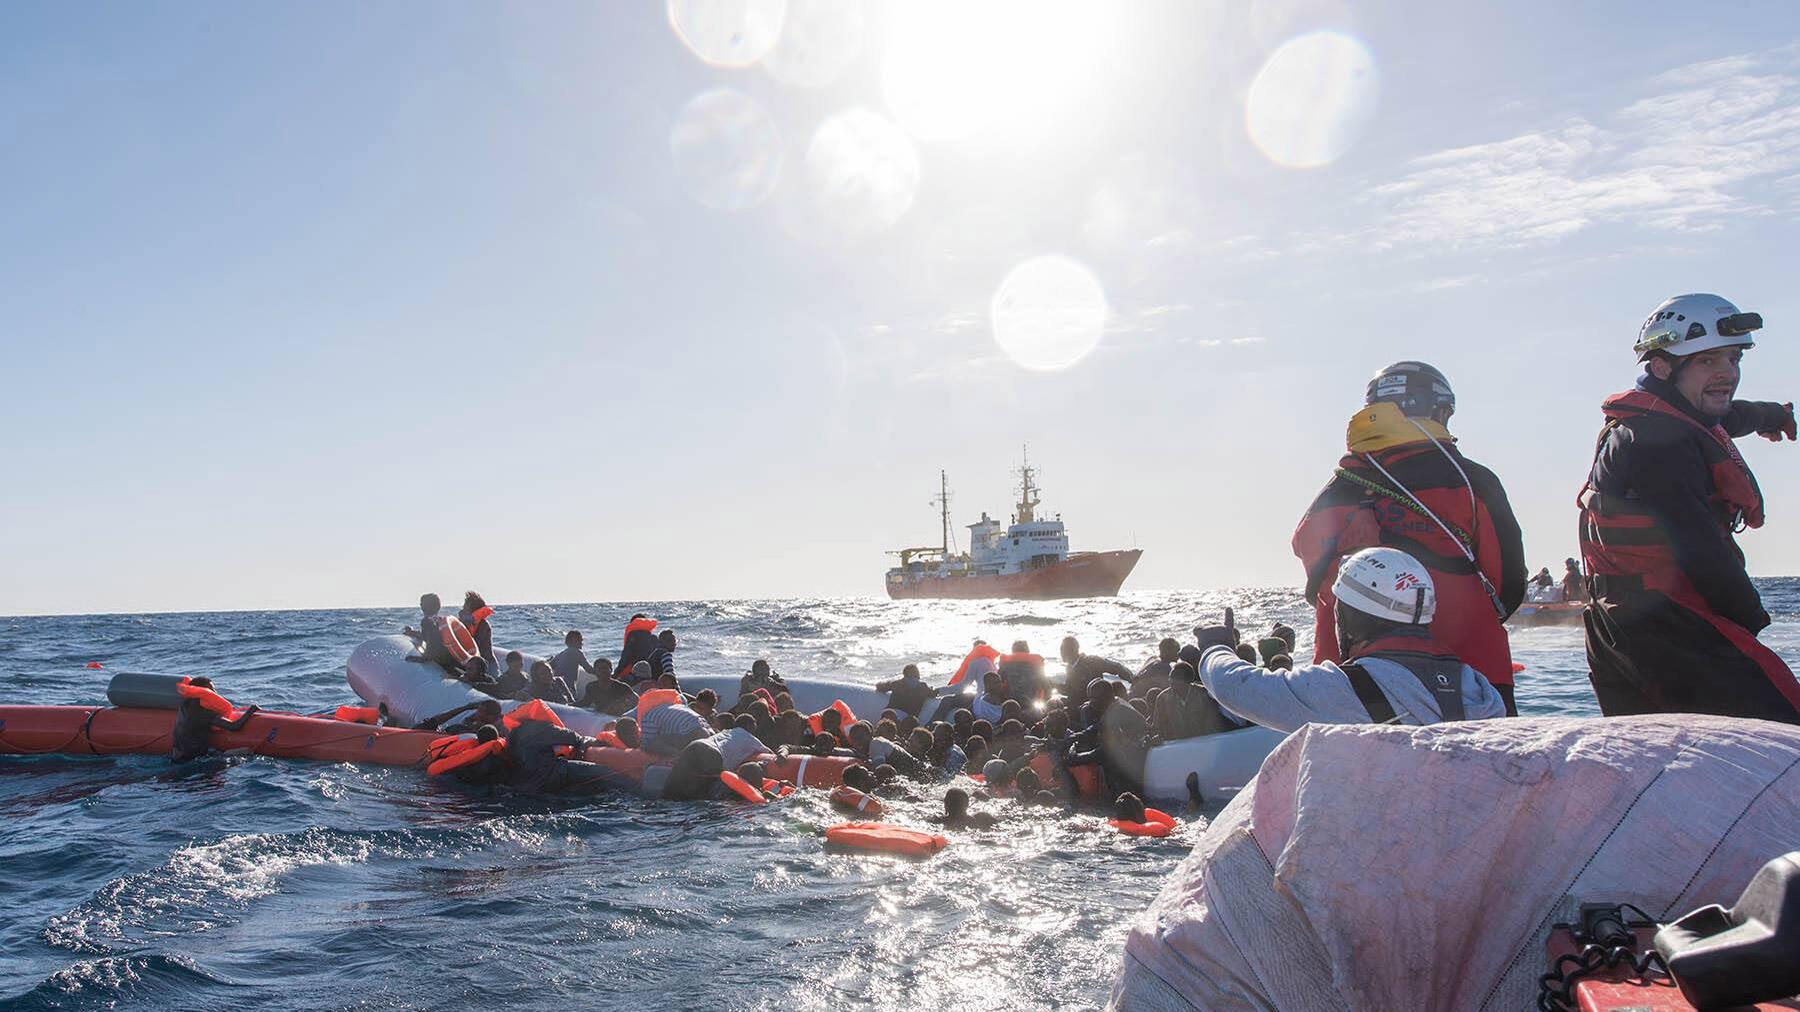 / مهاجرين غير شرعيين في البحر المتوسط